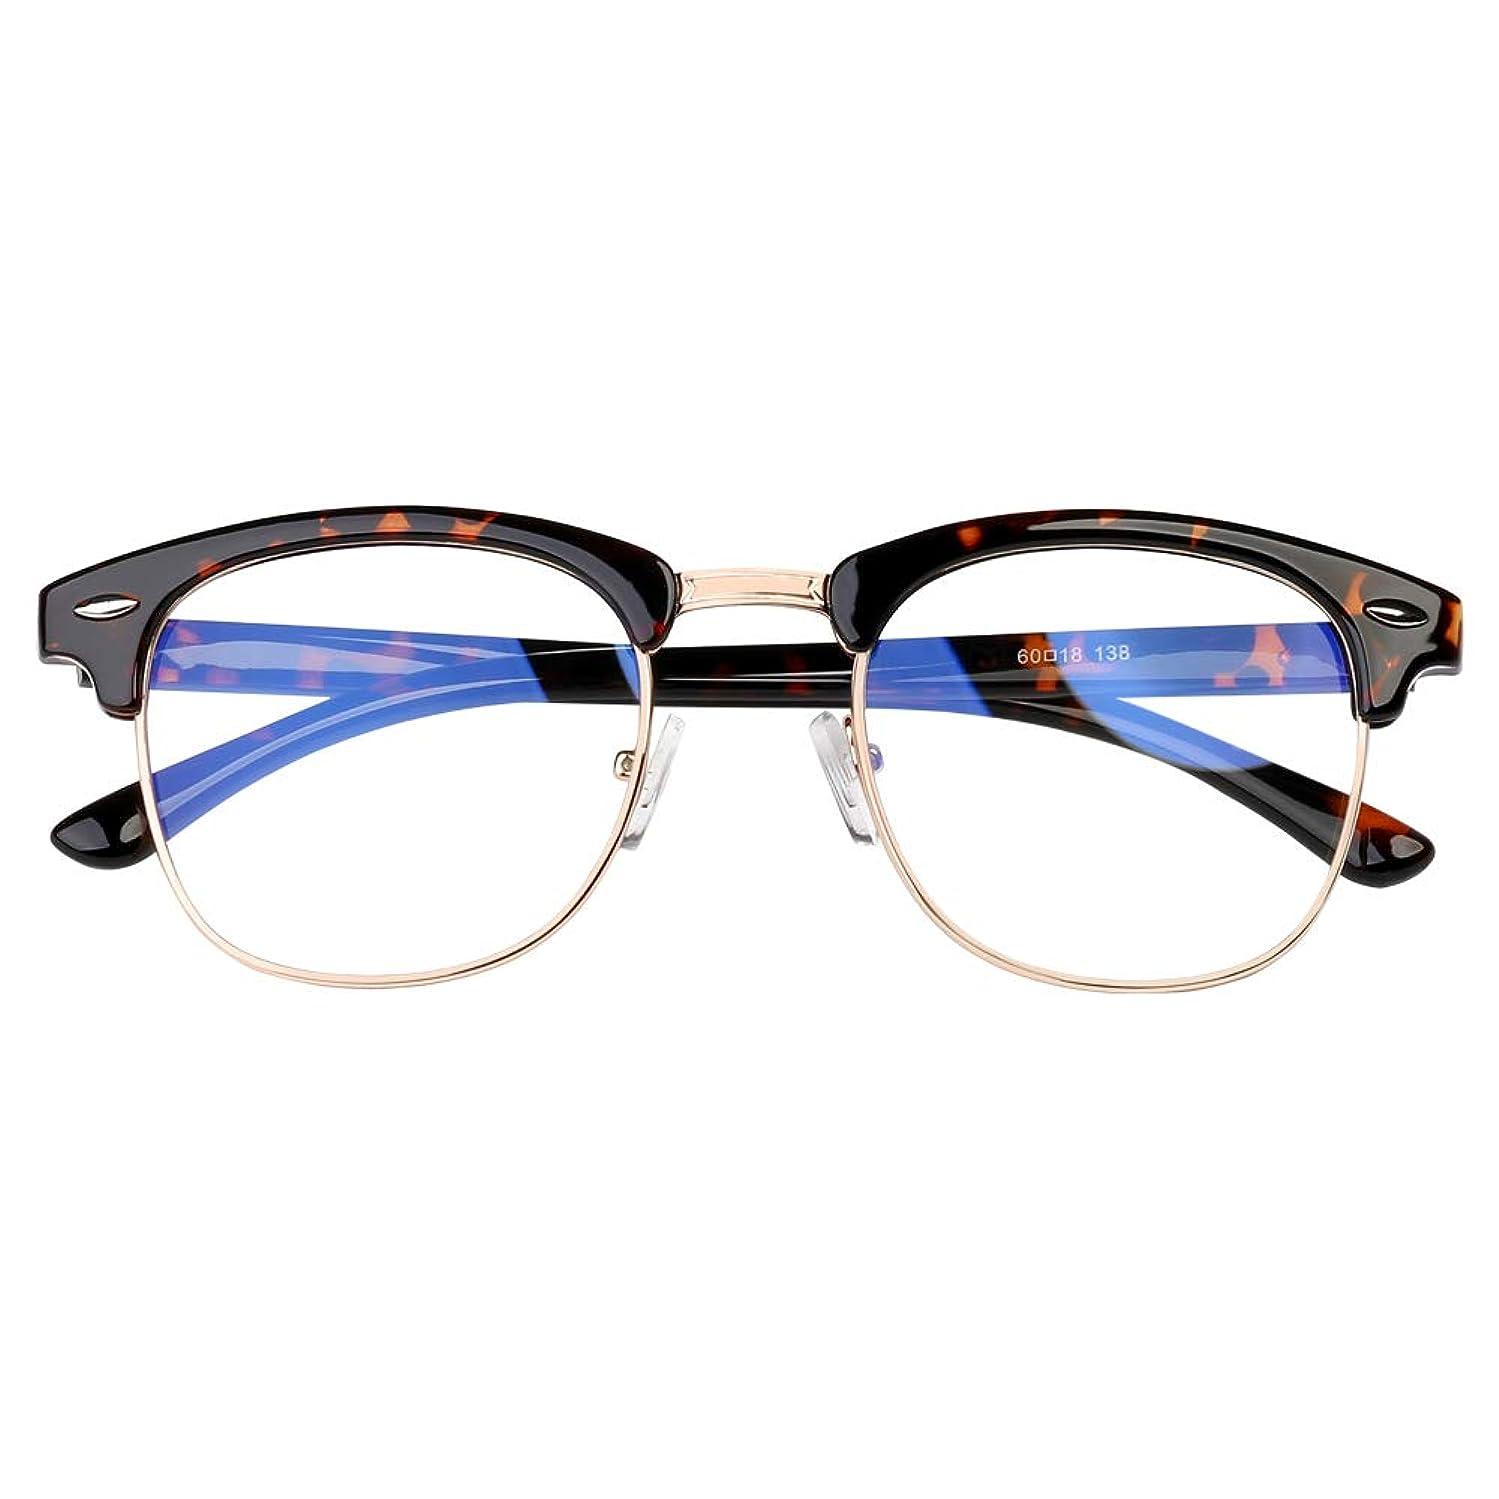 STAMEN Blue Light Blocking Glasses for Women/Men, Anti Eye Strain/UV Headache Better Sleep, Computer/Gaming Blue Blocker Filter Glasses